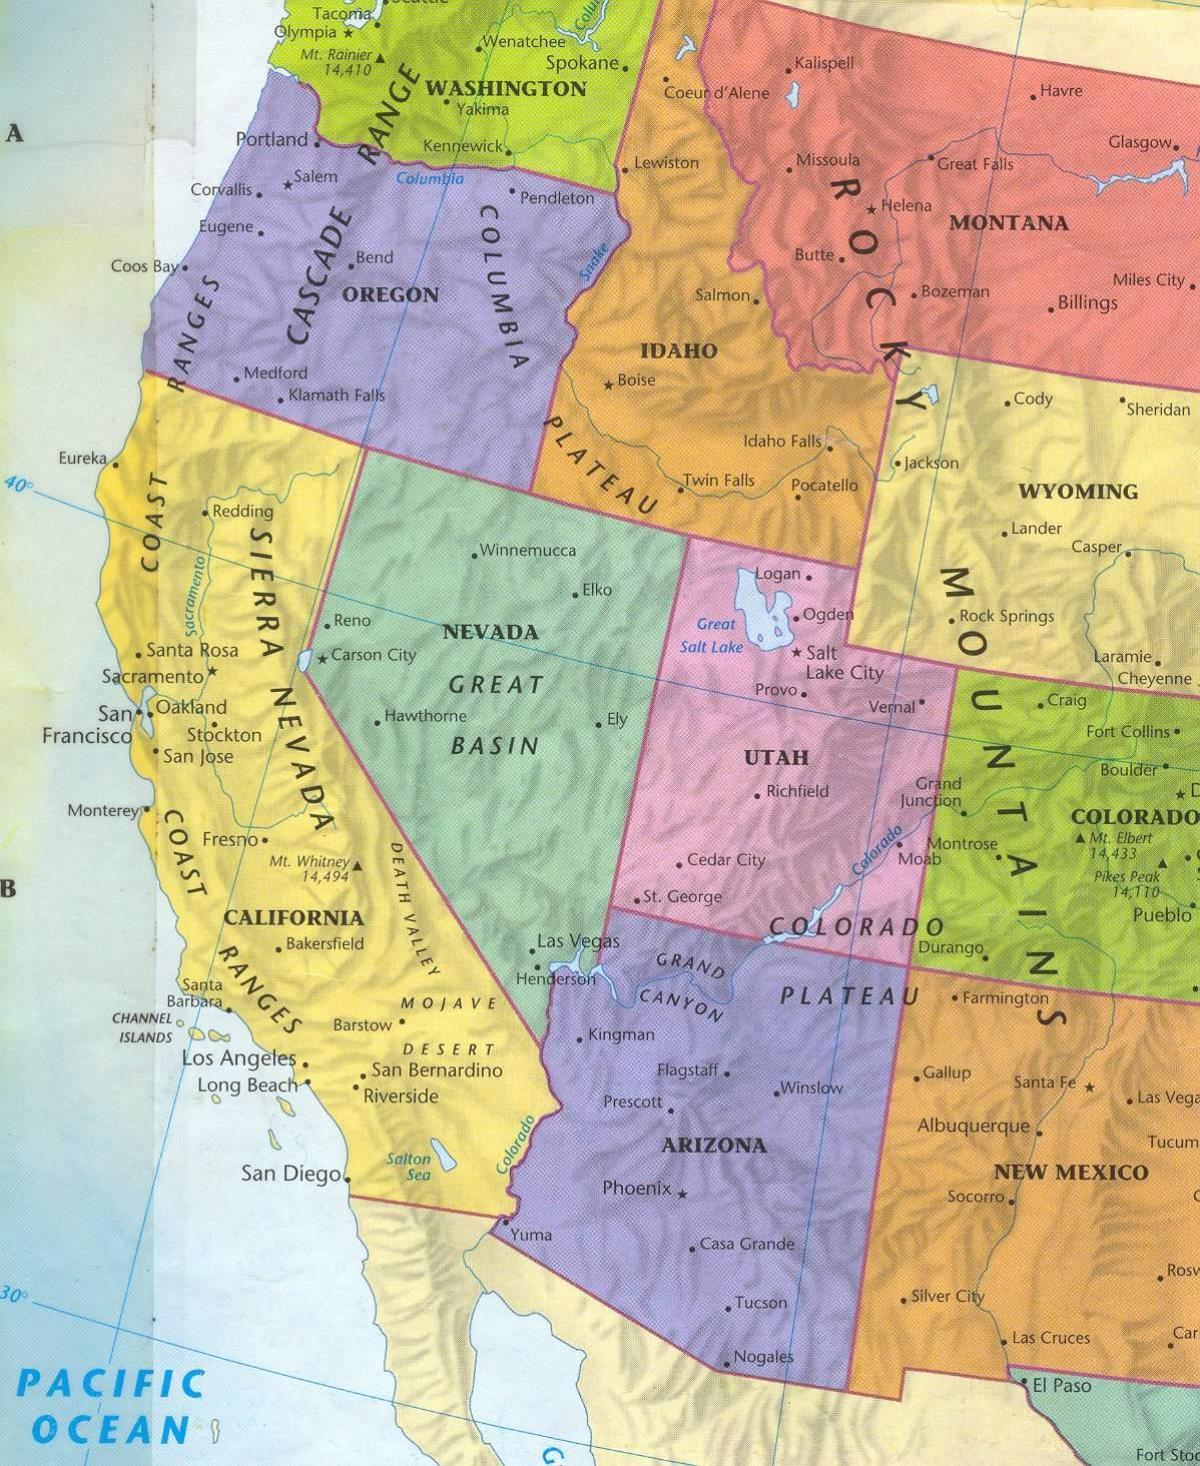 America Occidentale Cartina.Occidentale Degli Stati Uniti Mappa Mappa Dell Ovest Degli Stati Uniti America Del Nord America